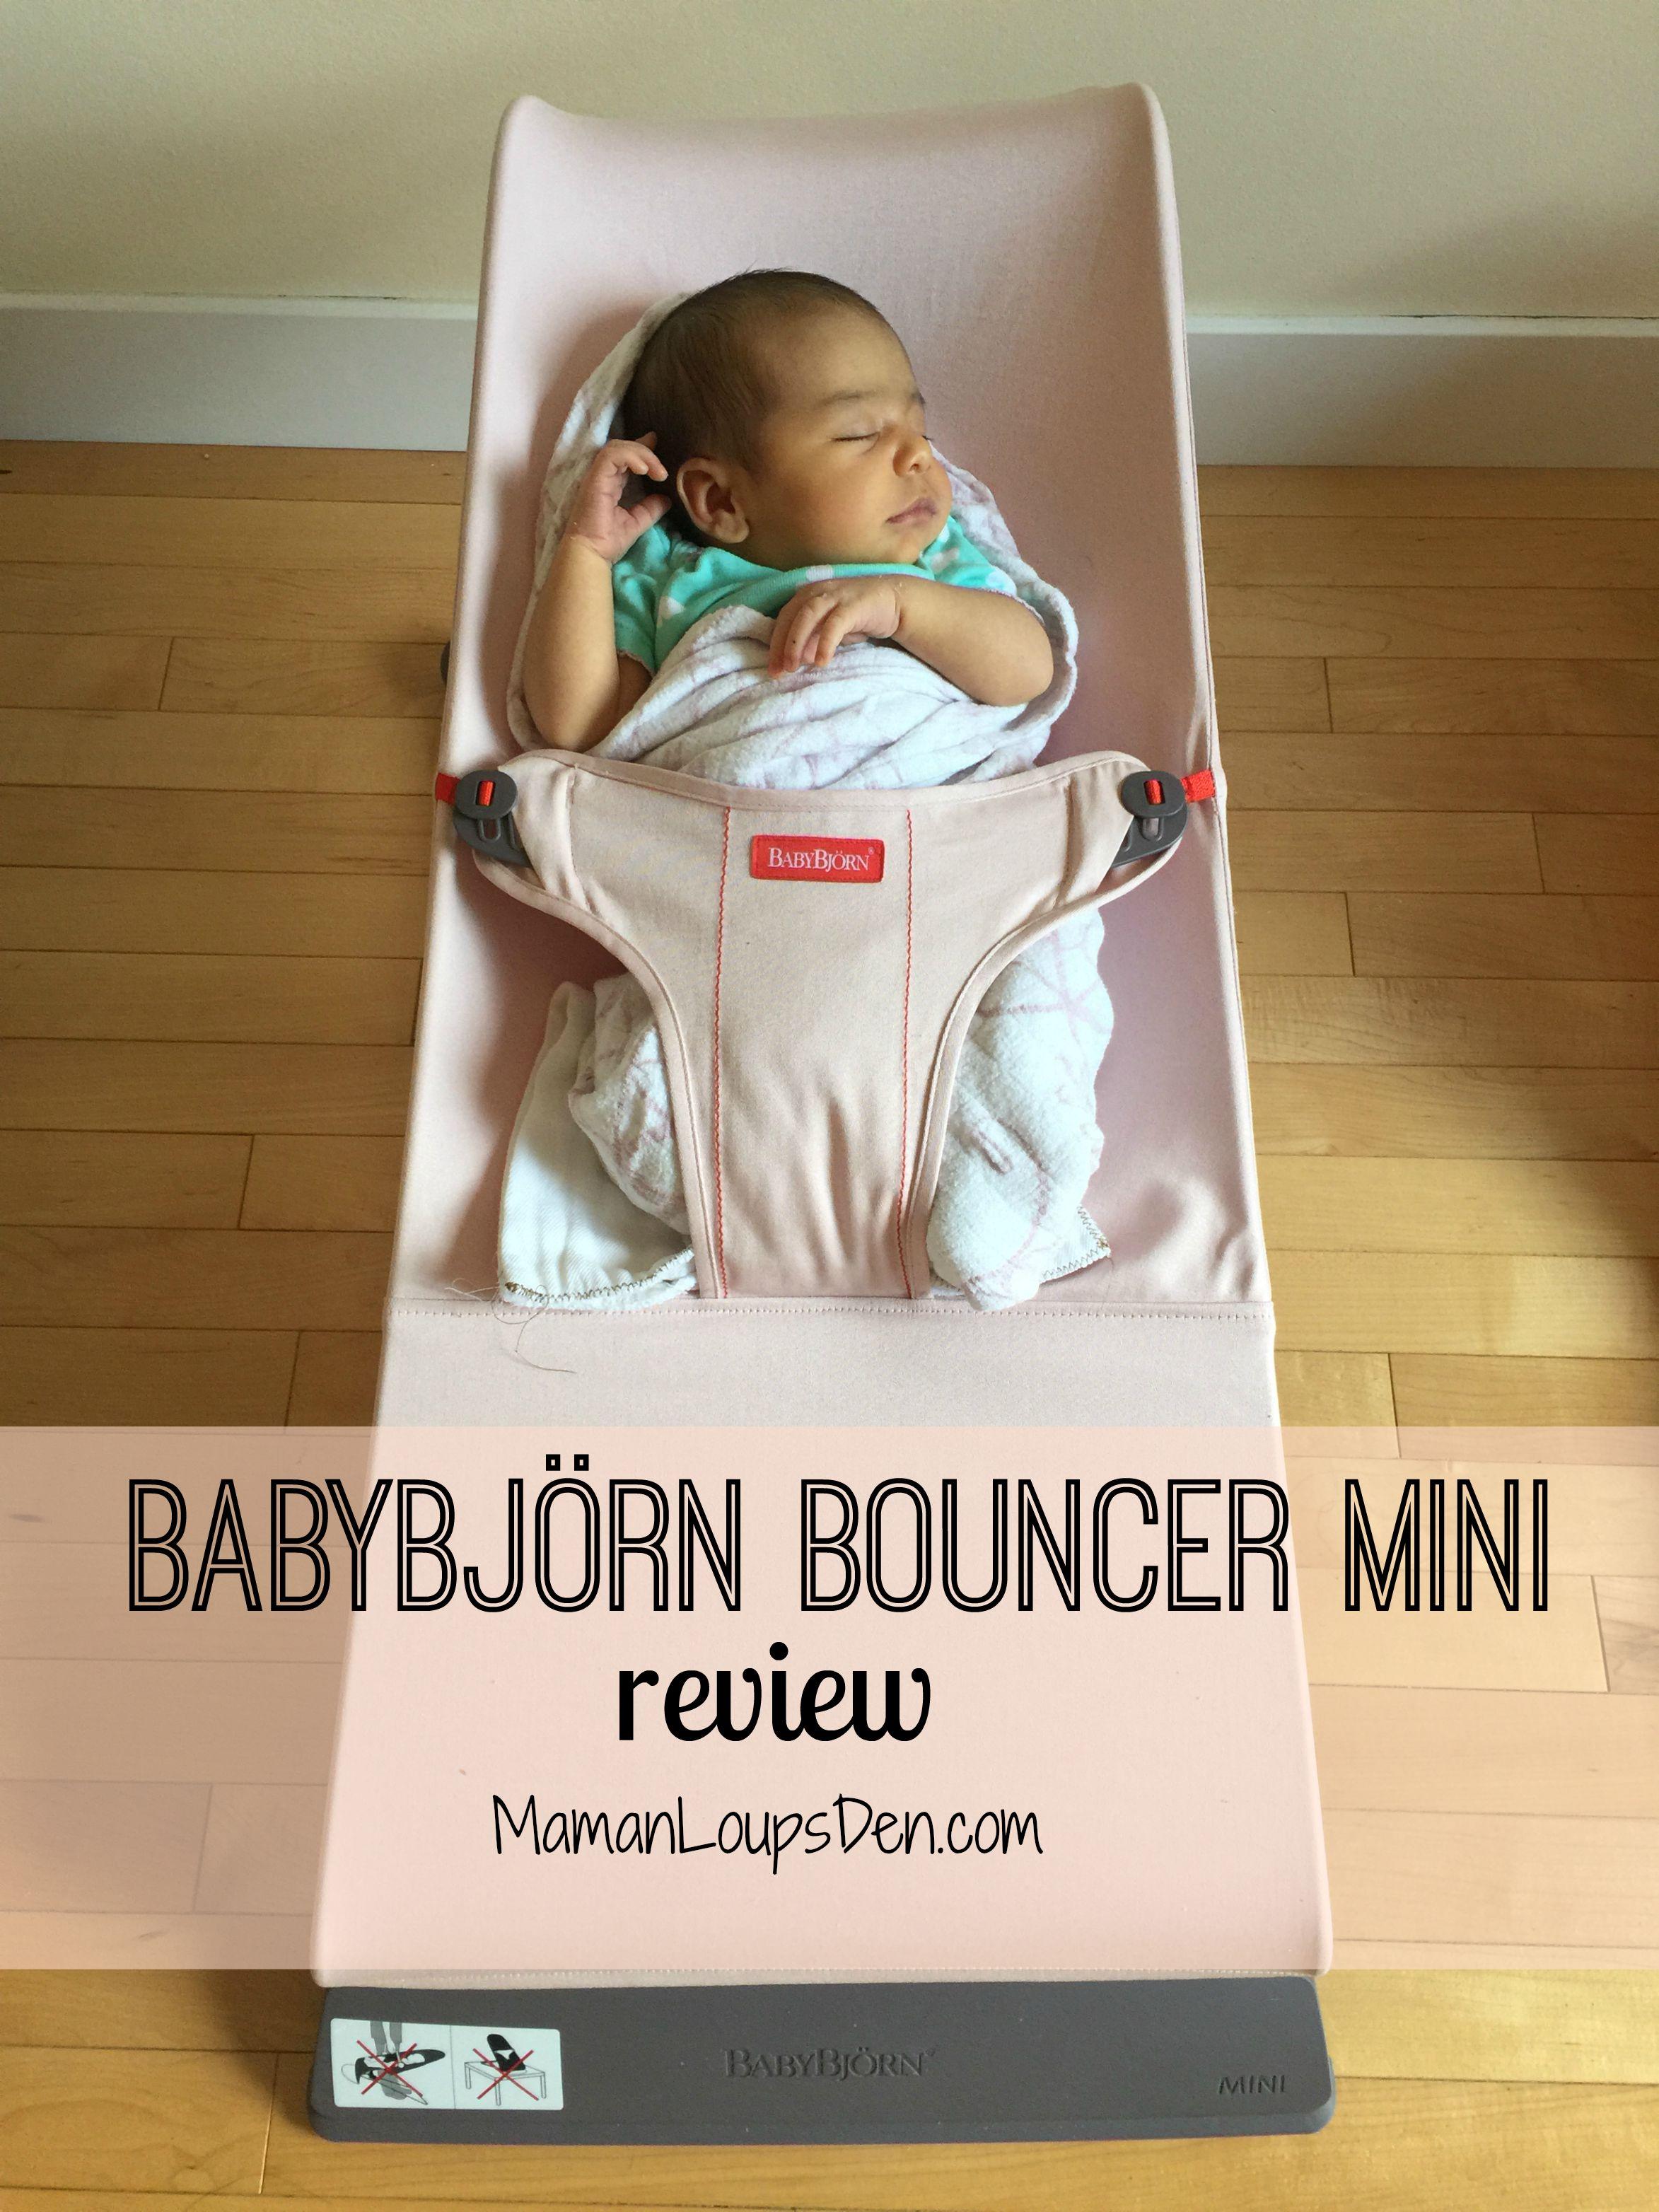 Babybj 246 Rn Bouncer Mini A Newborn Essential